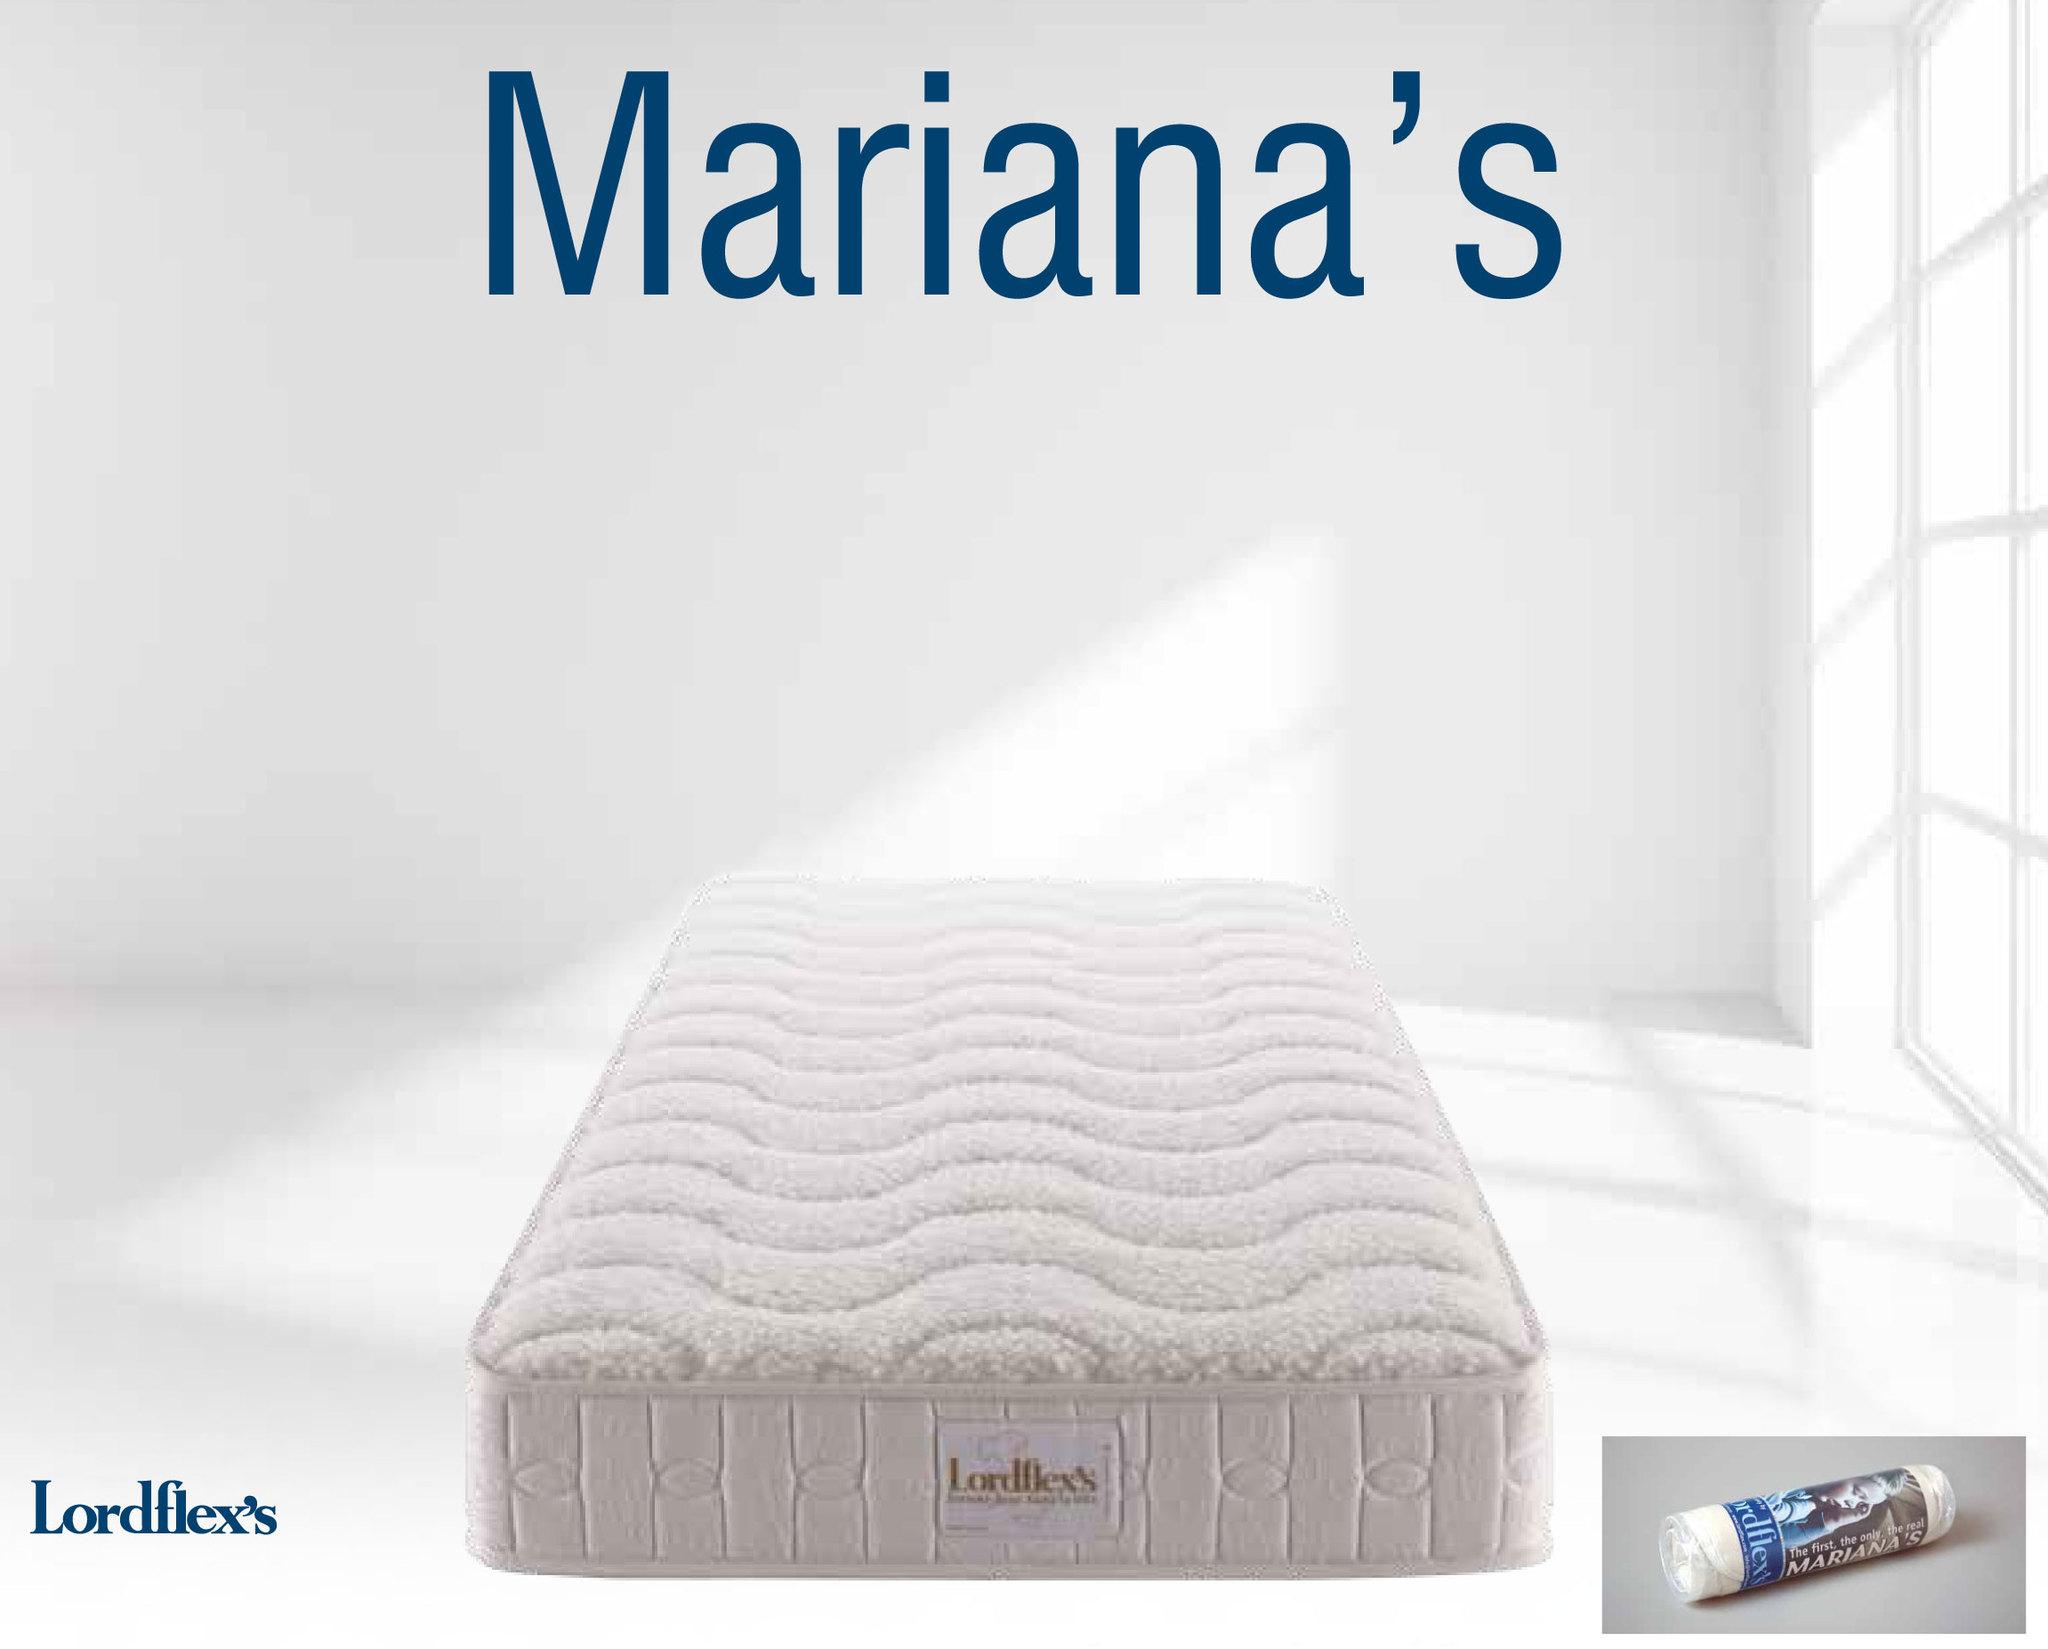 Матрасы Матрас ортопедический Lordflex's Mariana's 90х190 до 140 кг в вакуумной упаковке 1_Mariana_s.jpg